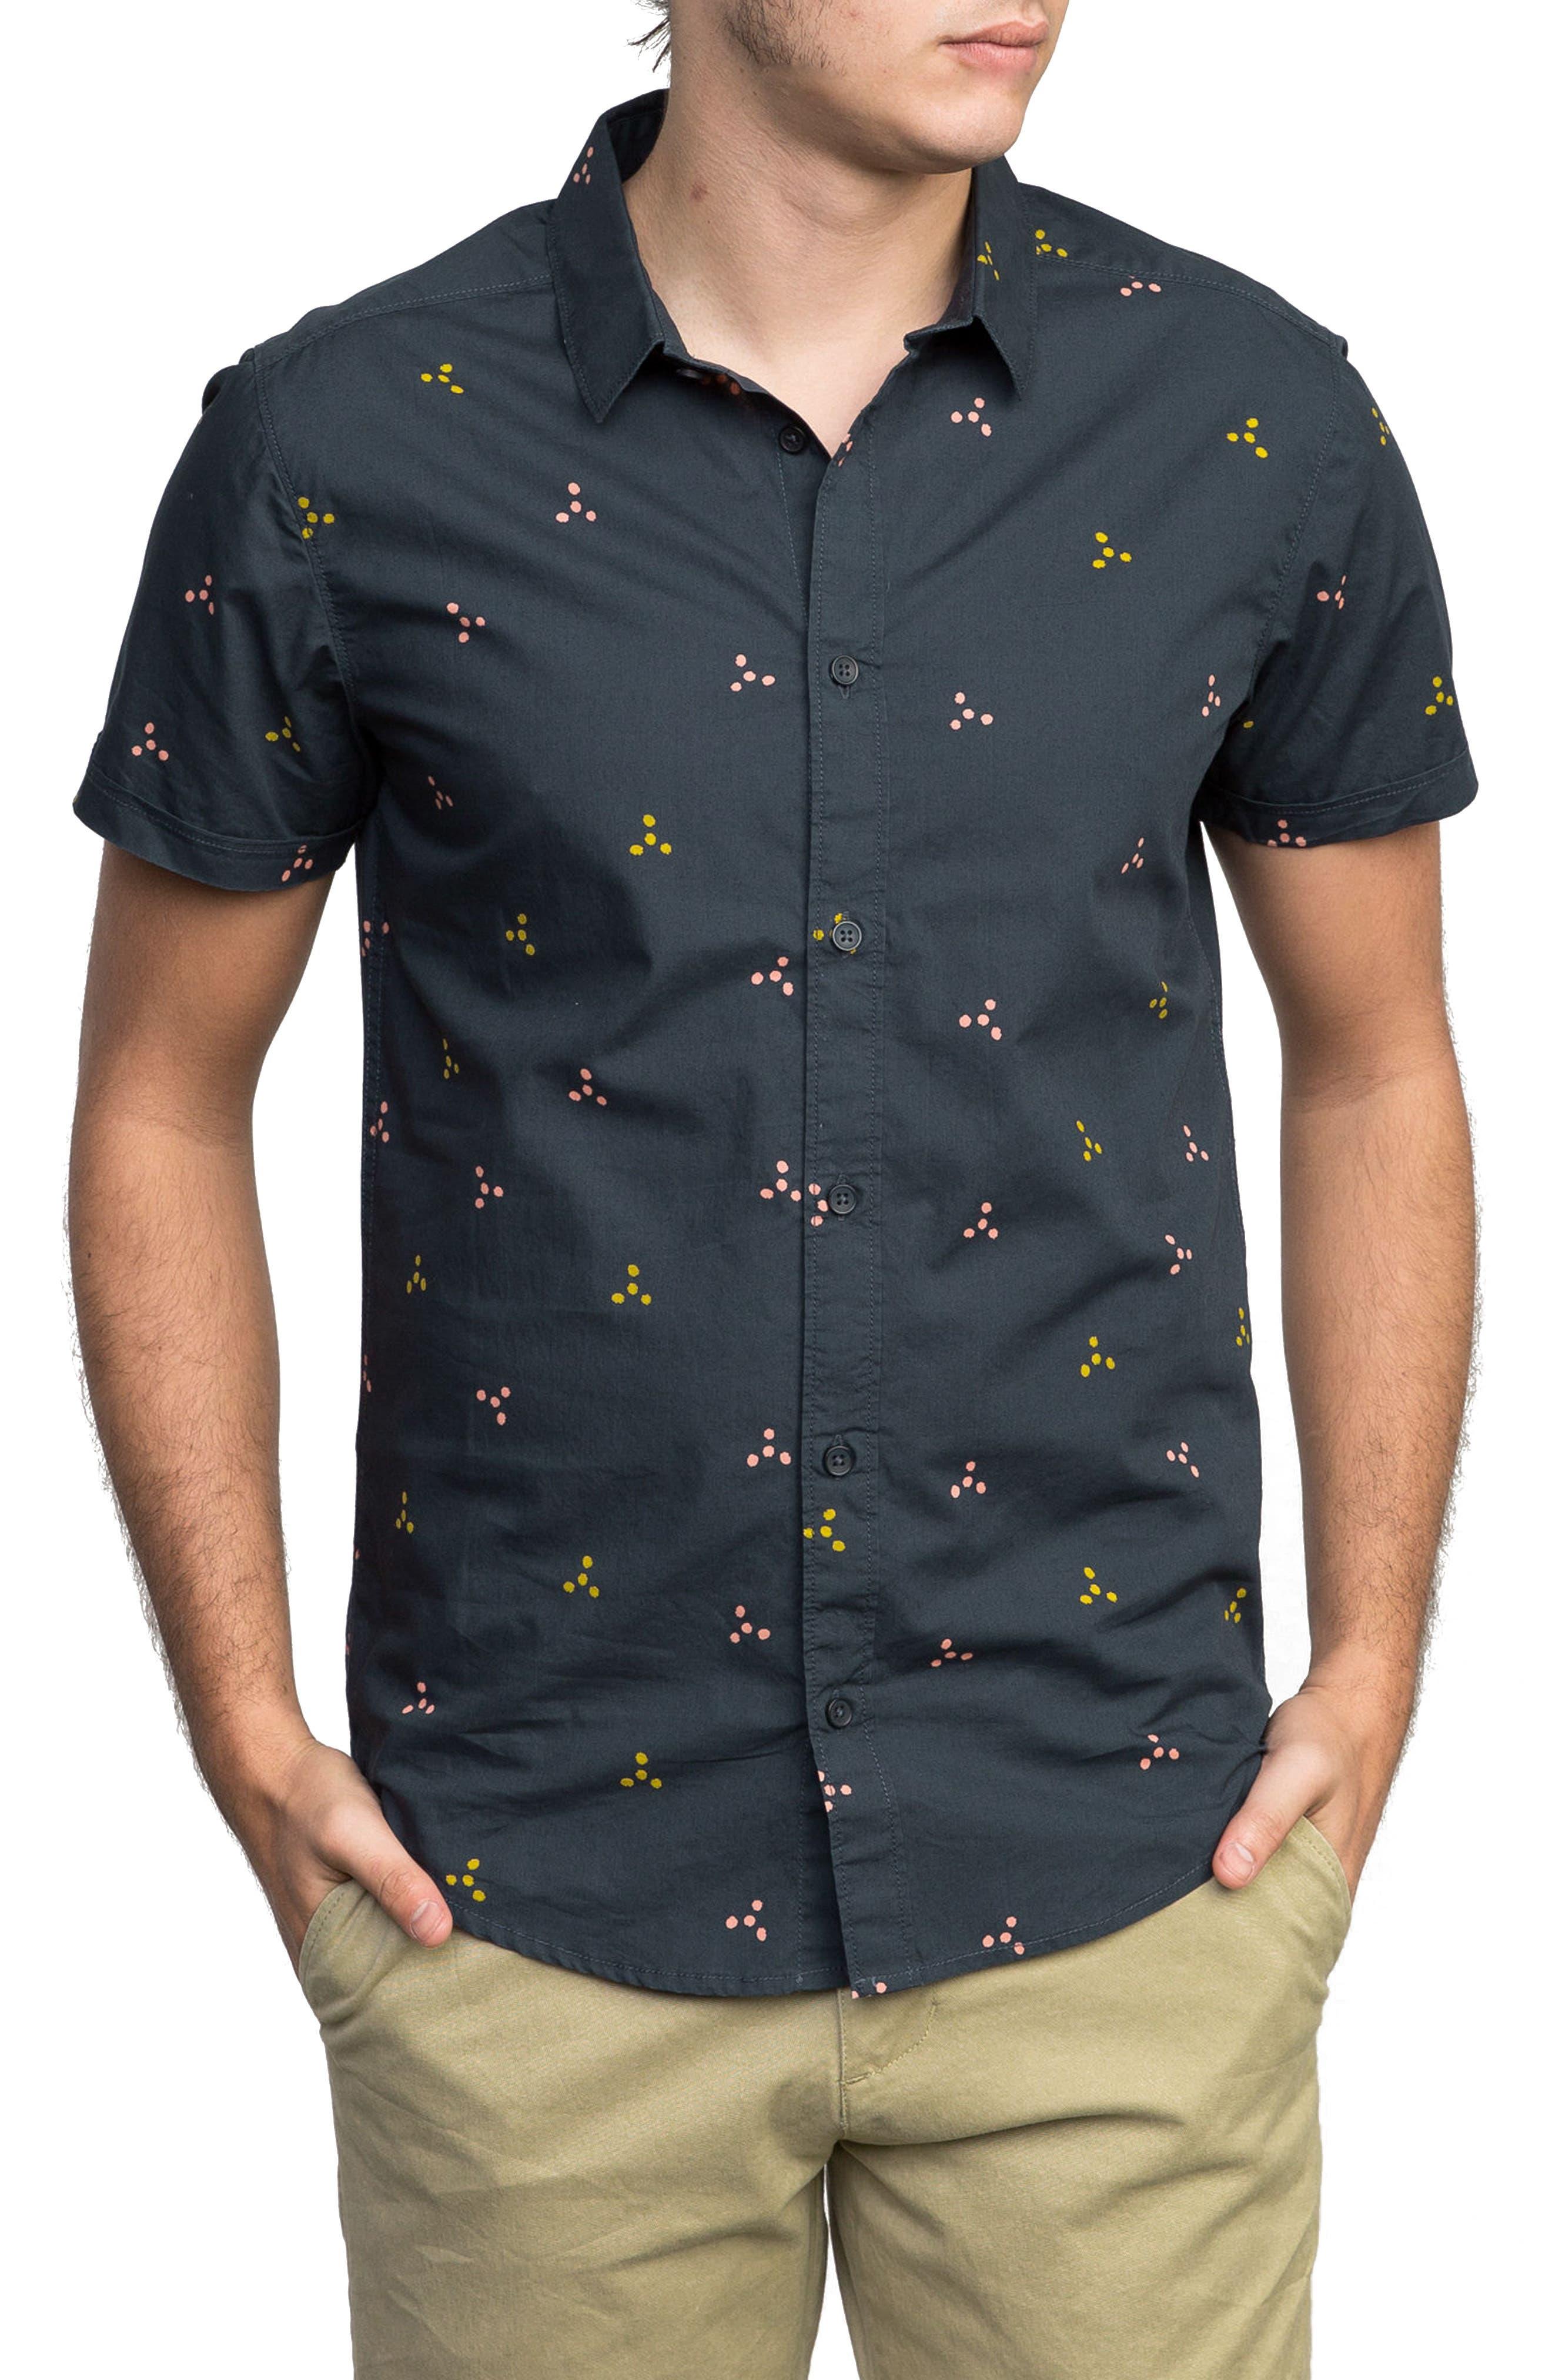 Tridot Woven Shirt,                             Main thumbnail 1, color,                             020